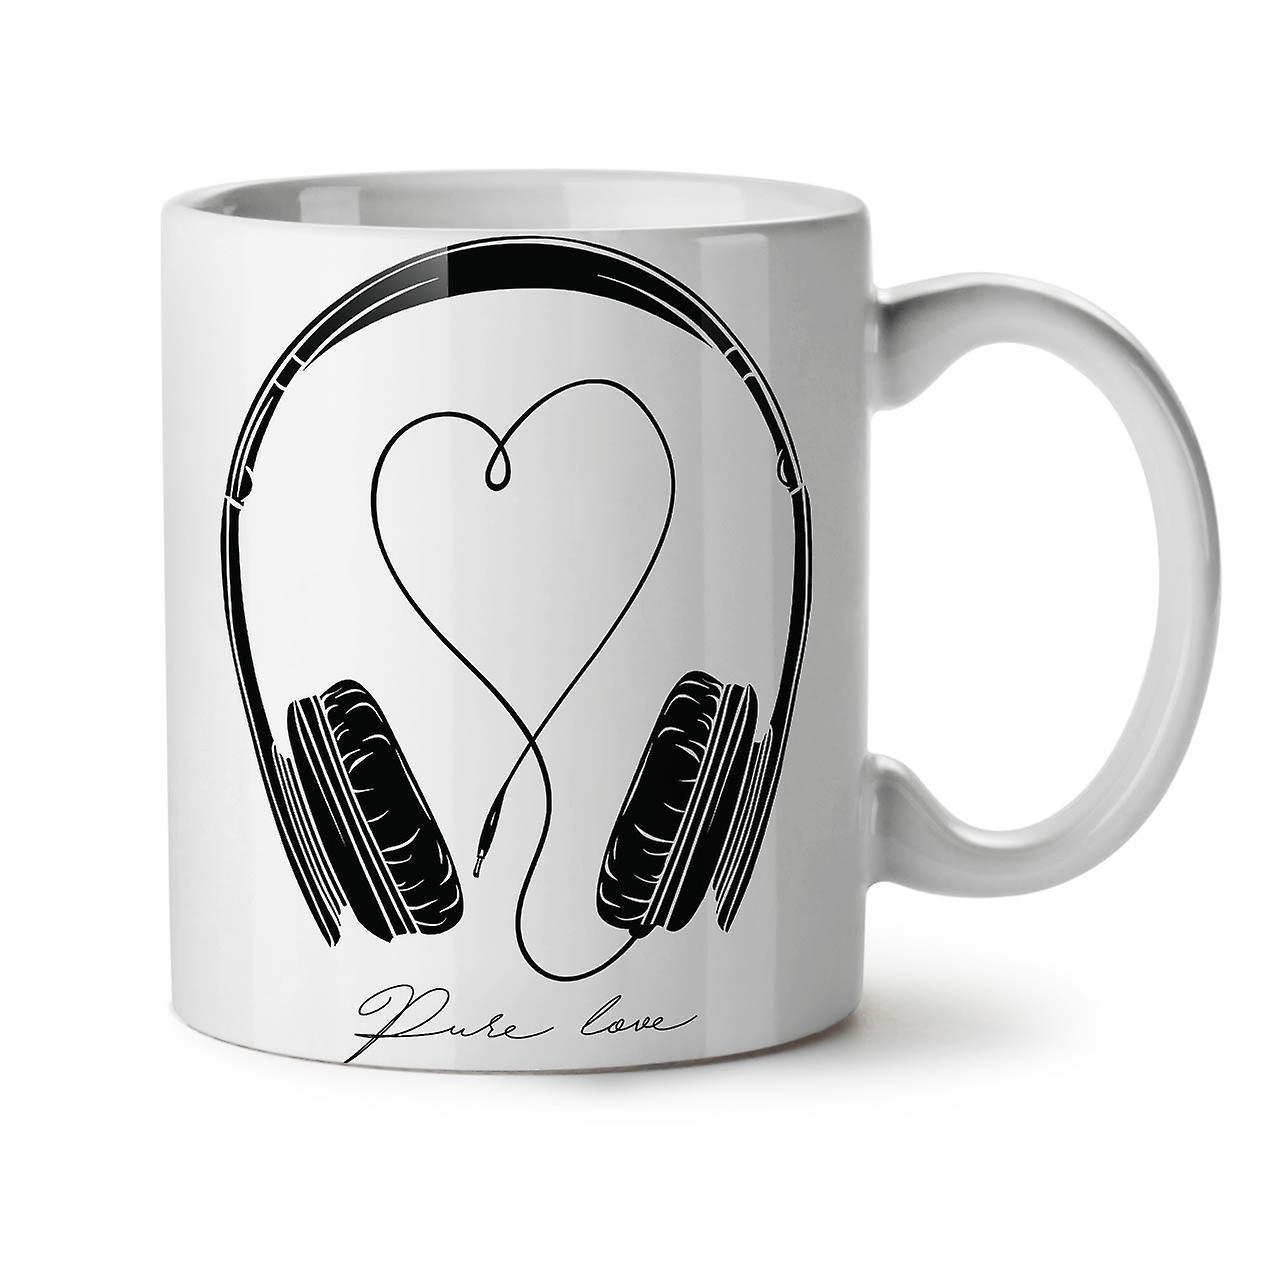 Thé Blanc Céramique 11 Nouvelle Café OzWellcoda Pour La L'amour Musique Tasse Rj345ALq